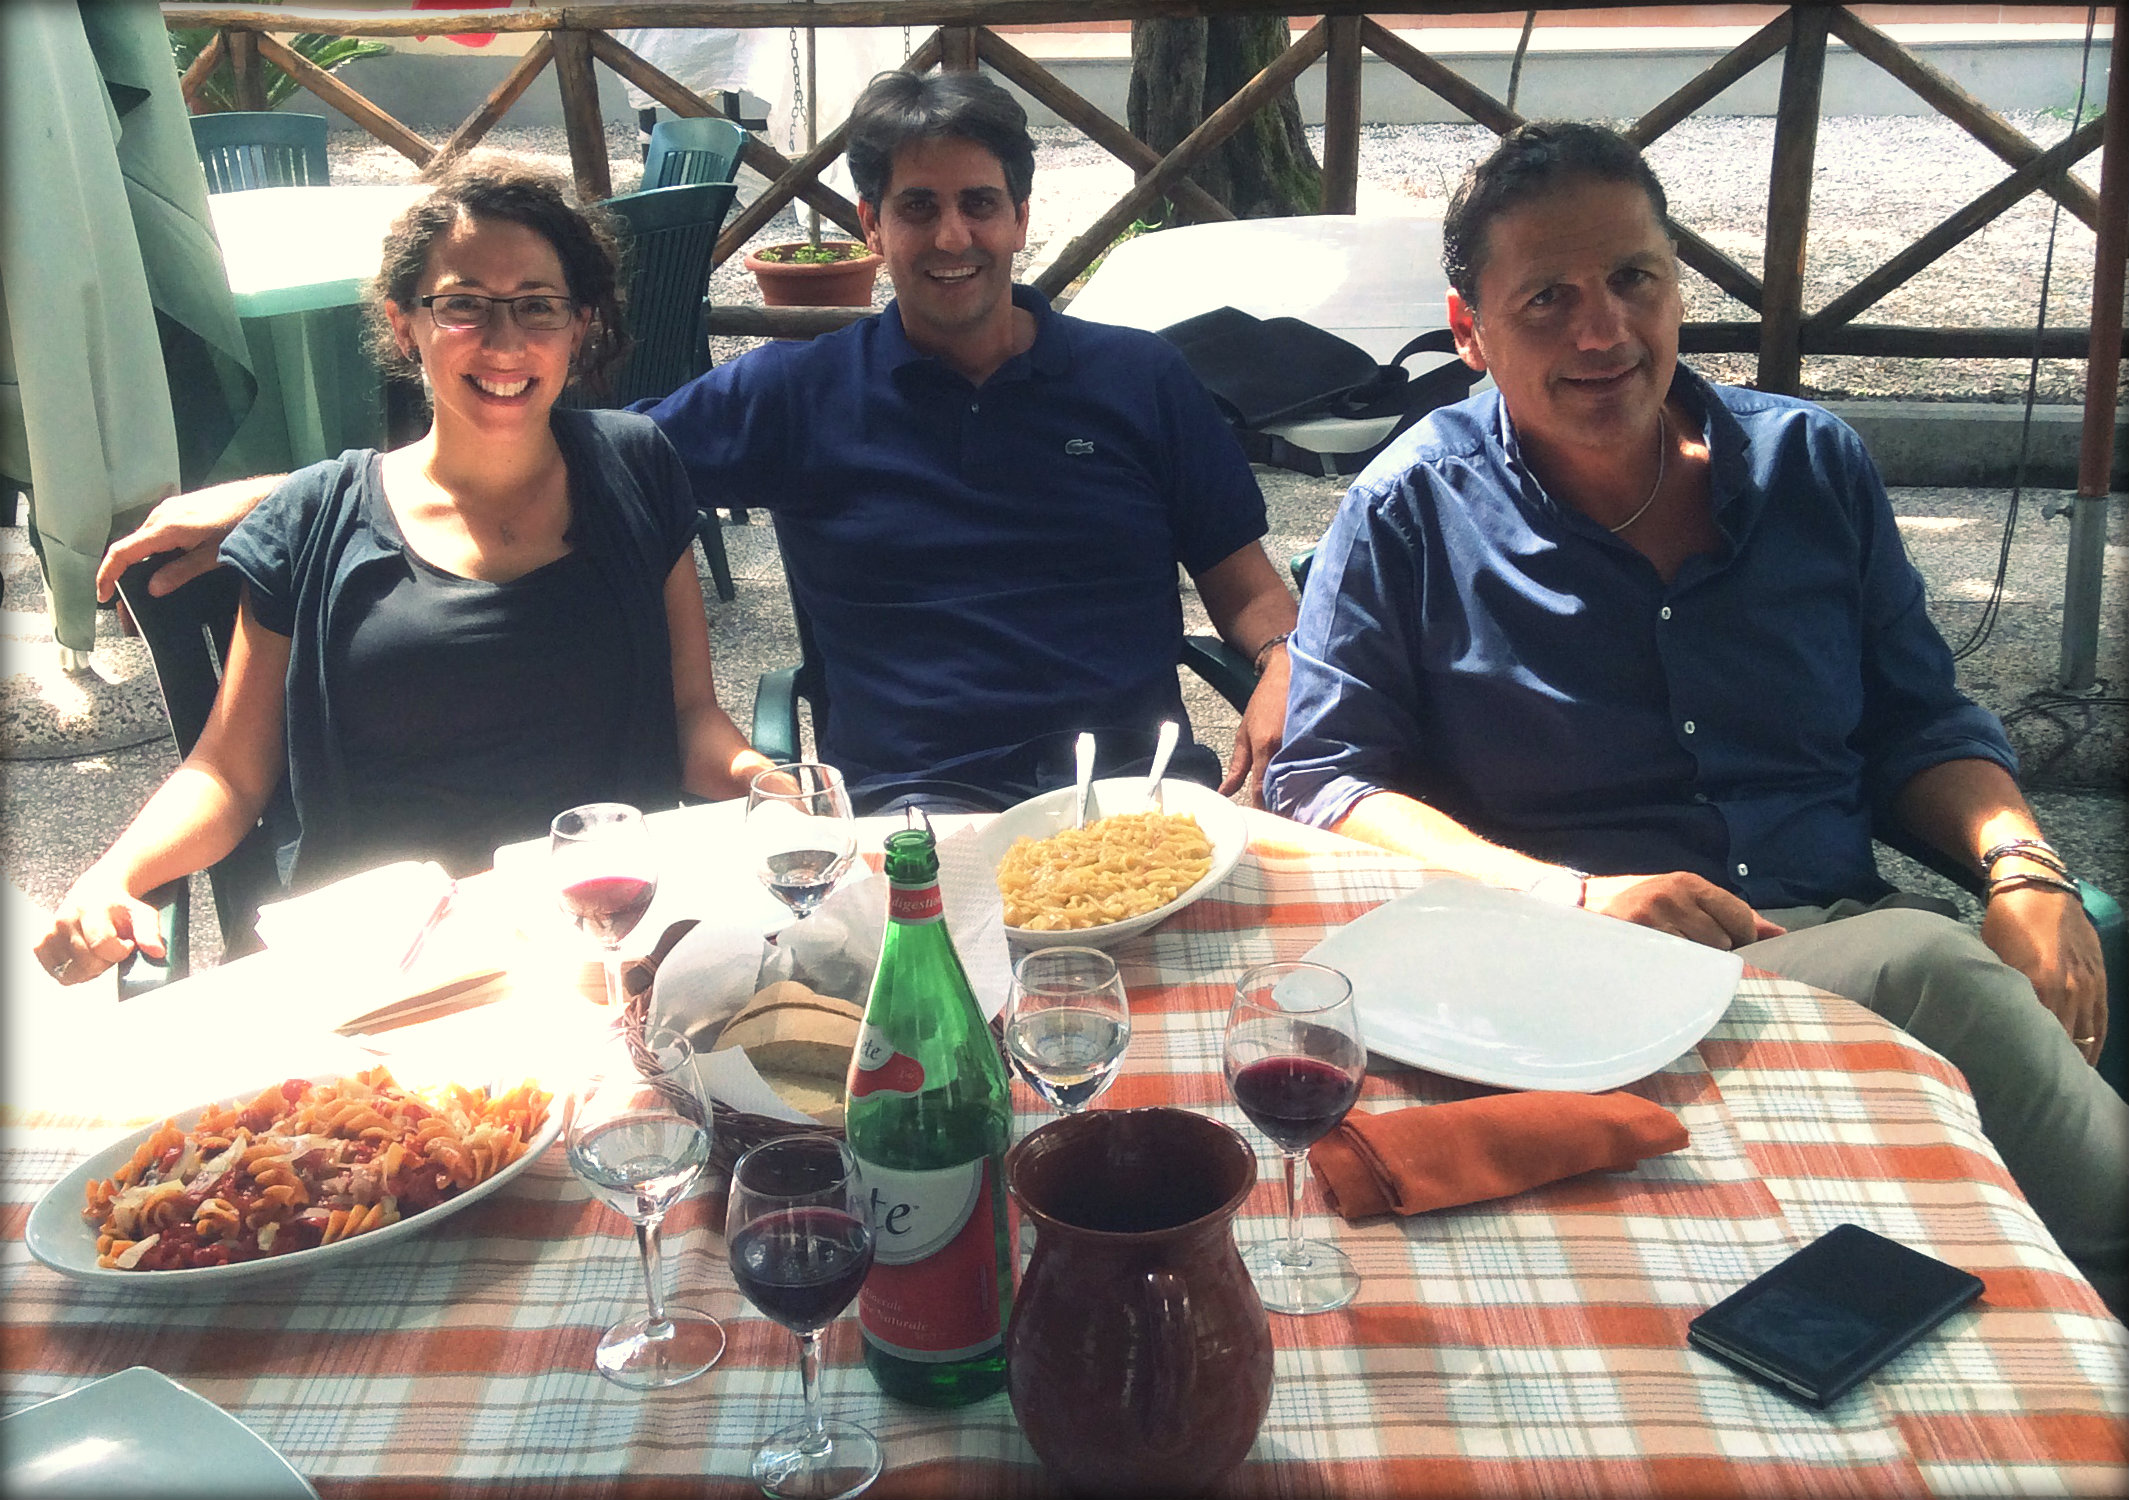 Gustiamo's Danielle, Sabatino, and Faella's Sergio